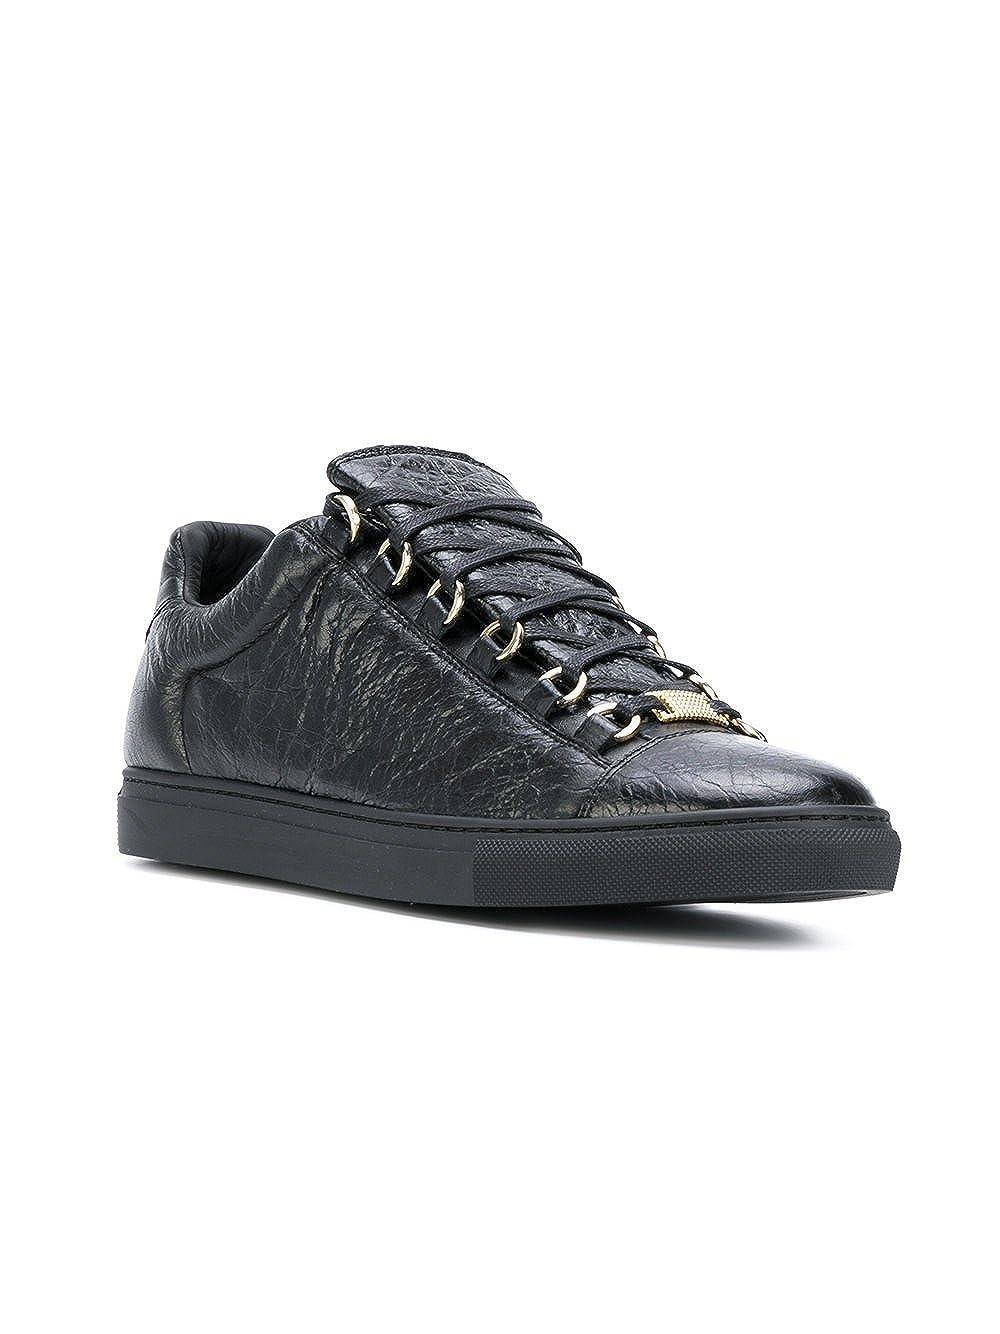 Balenciaga Hombre 477285Wad401000 Negro Cuero Zapatillas: Amazon.es: Zapatos y complementos